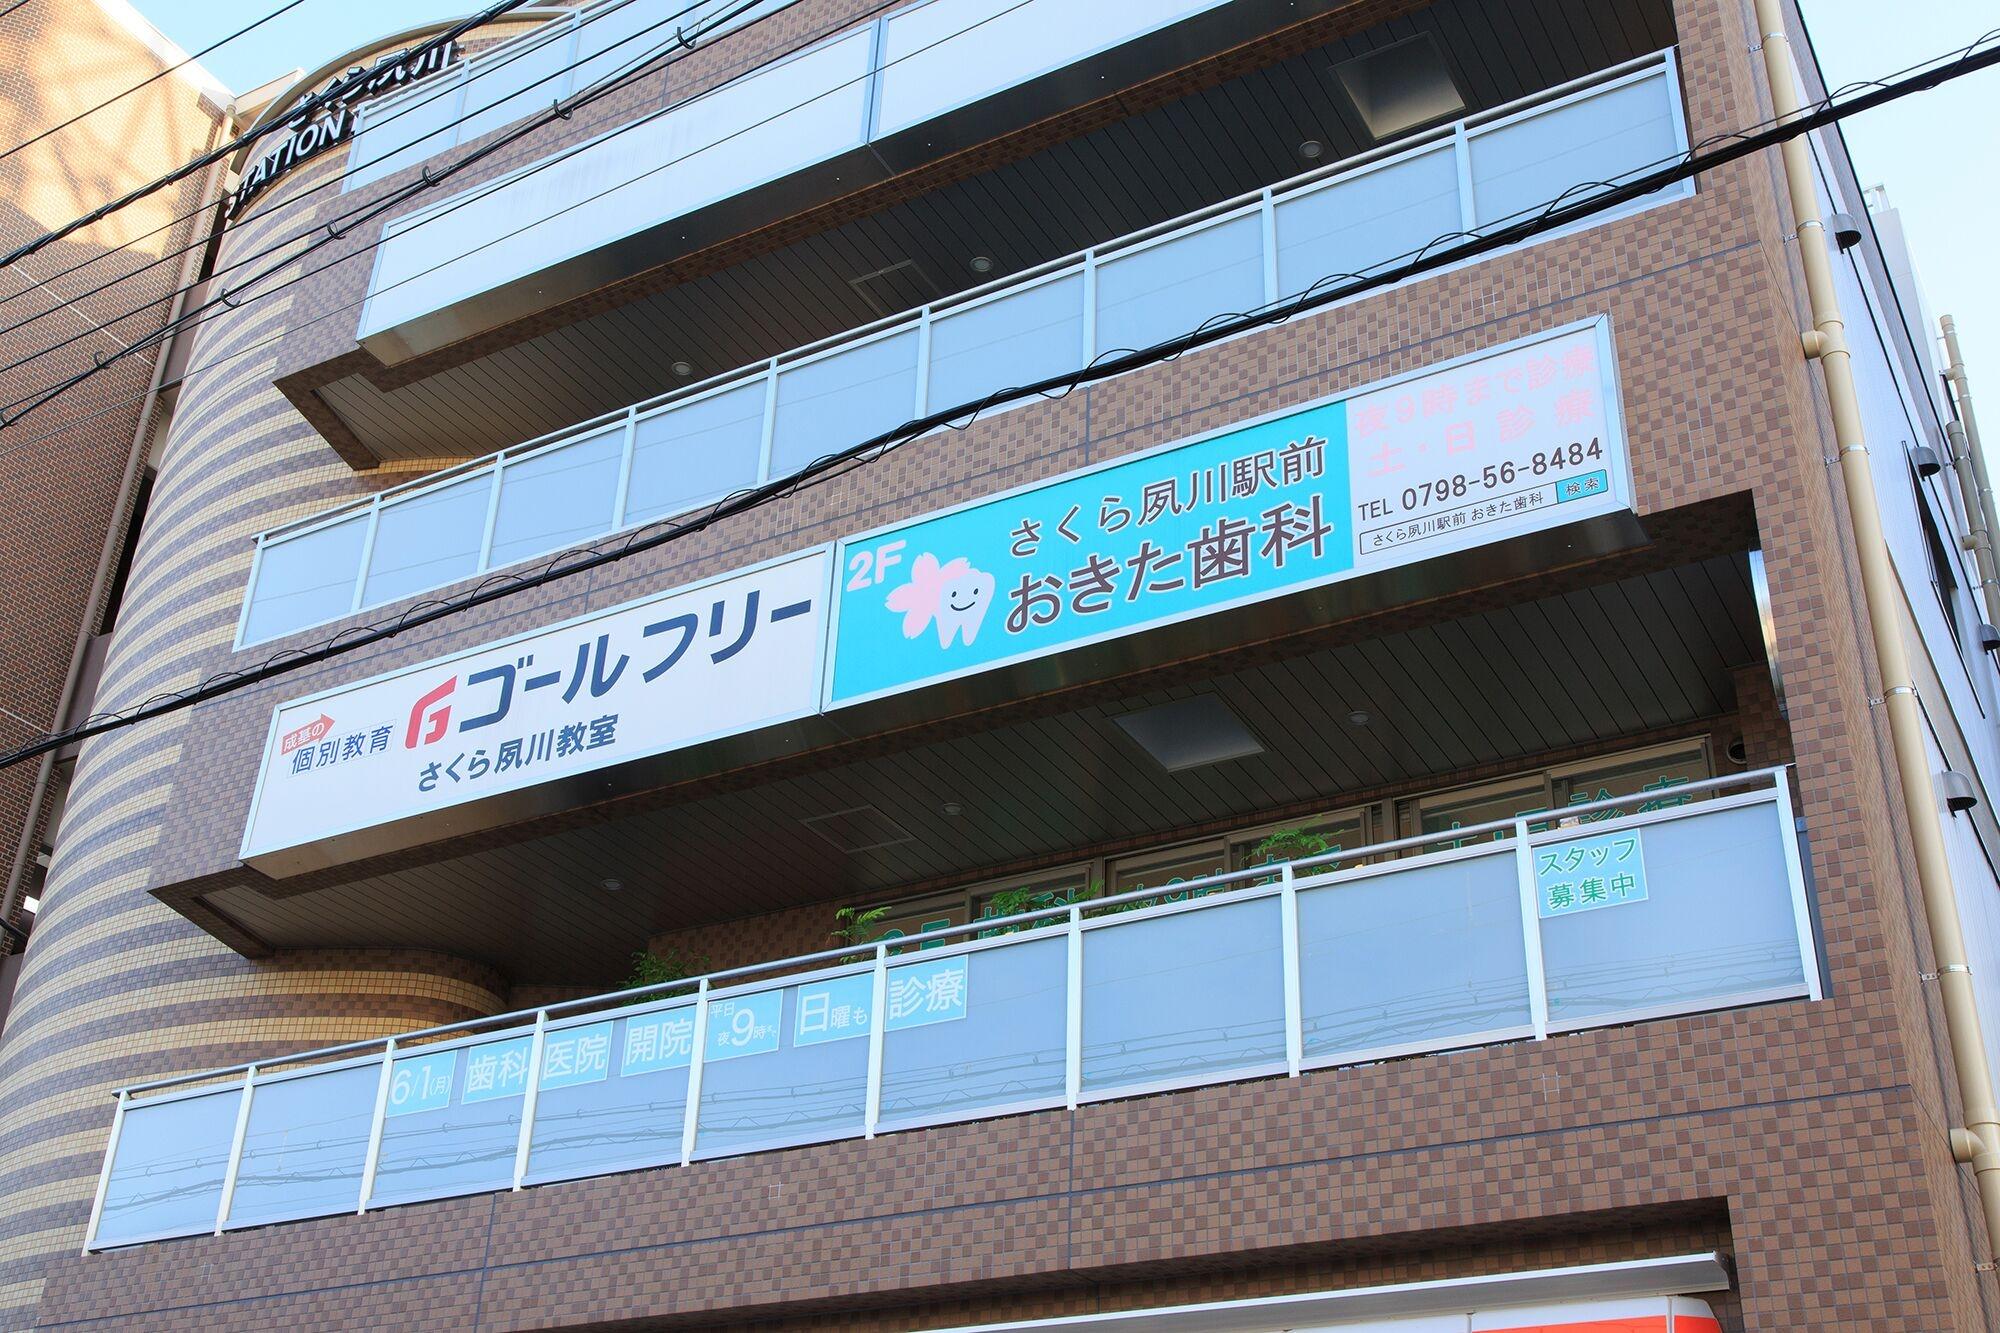 さくら夙川駅前おきた歯科の外観